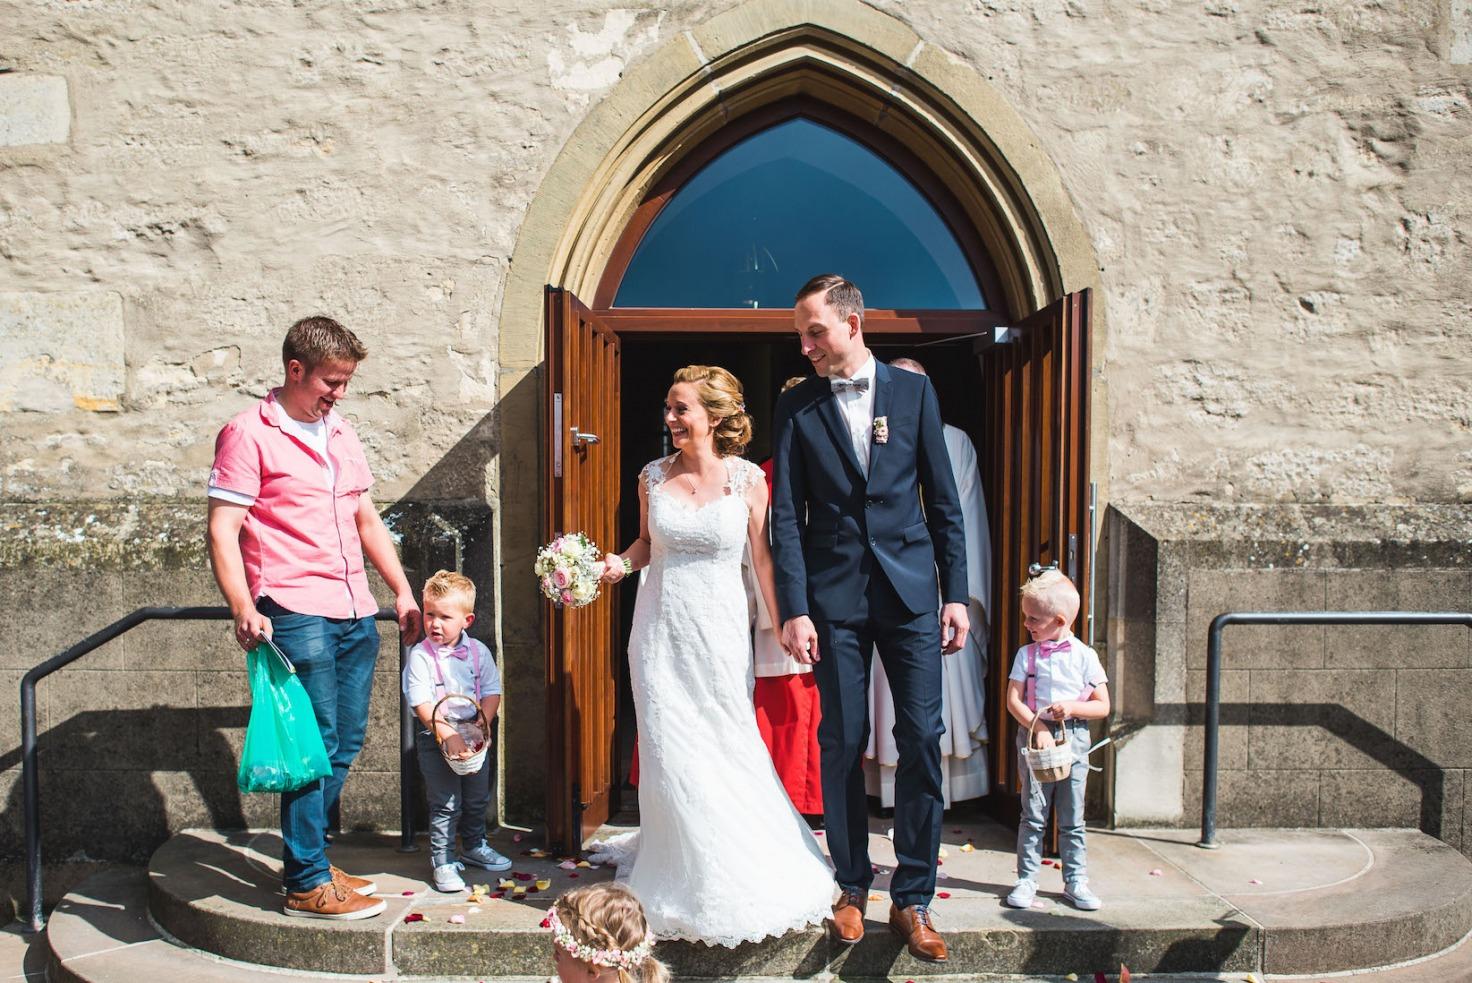 Hochzeit von Sabrina und Michael in Münster: Auszug aus der Kirche